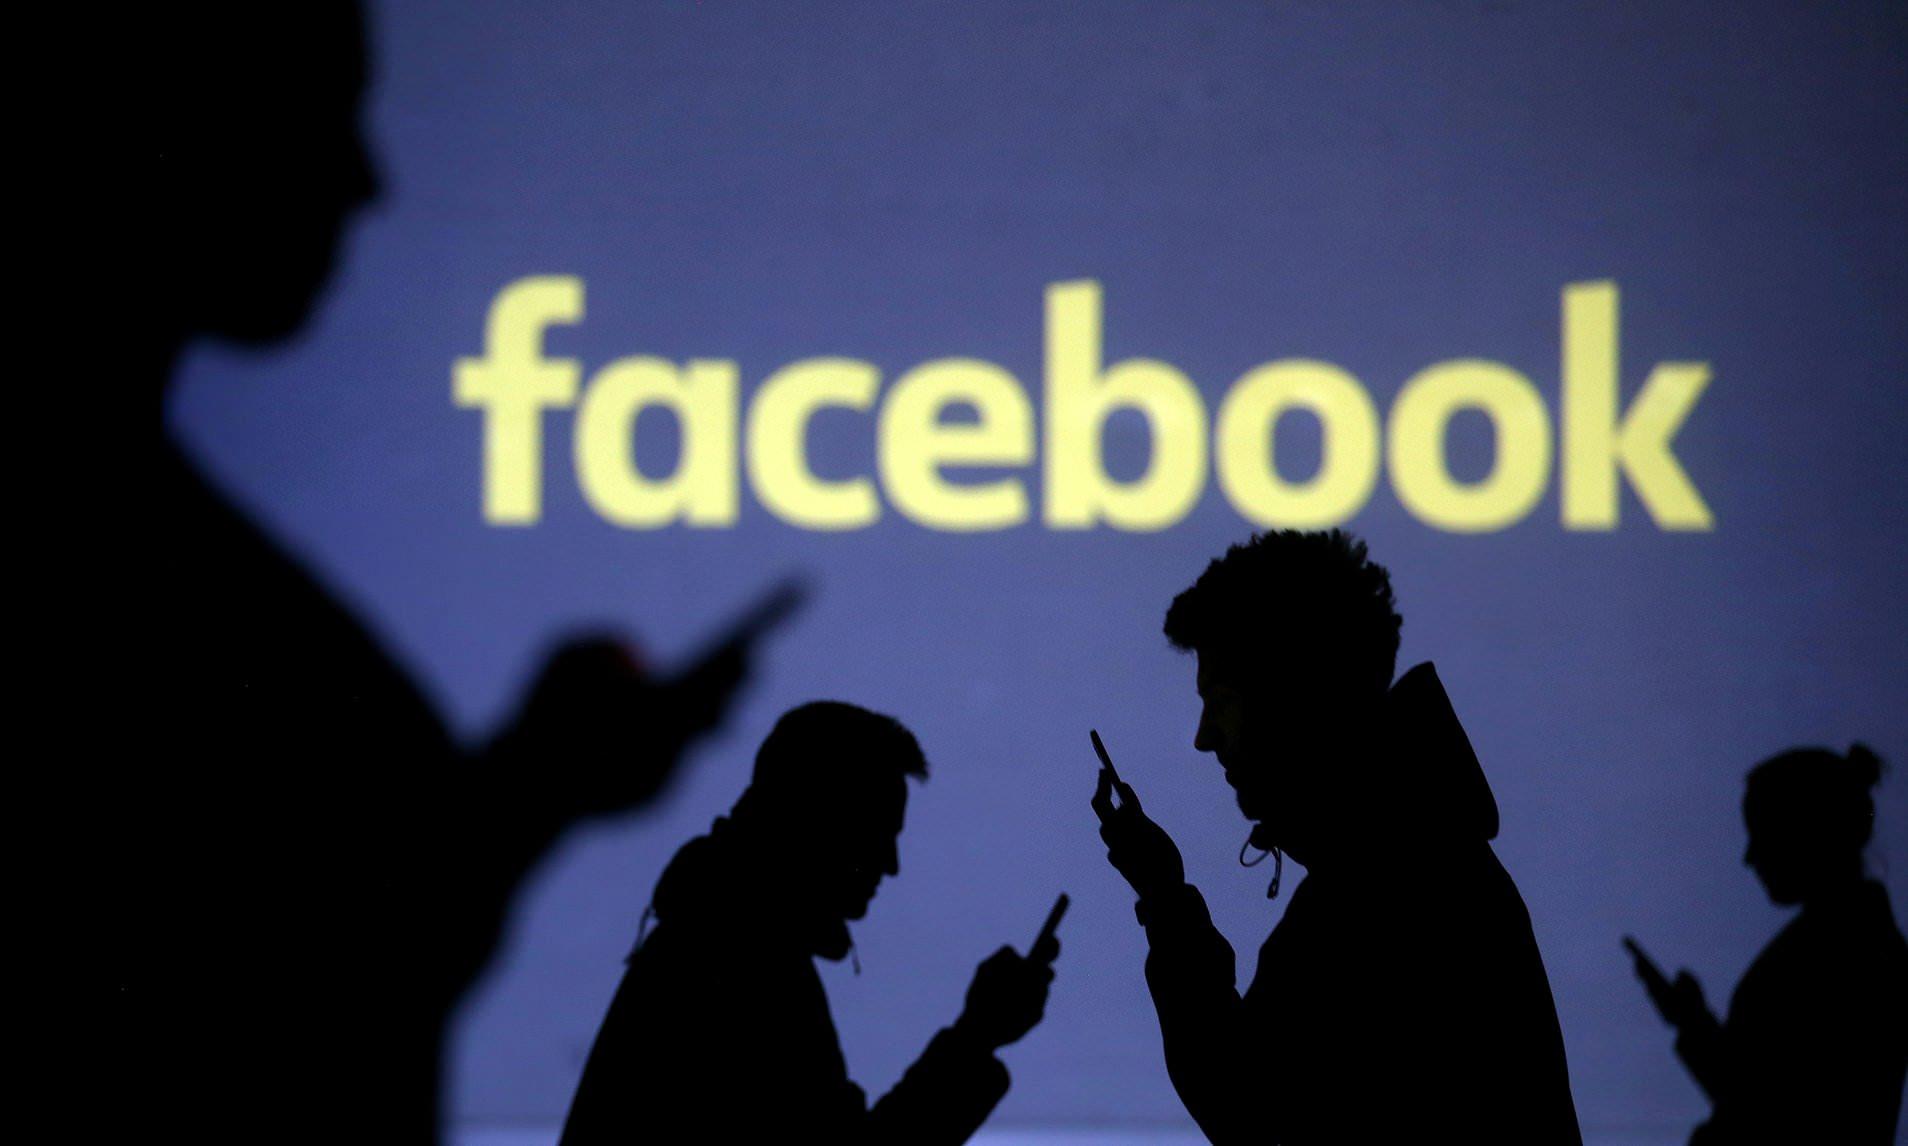 क्राइस्टचर्च नरसंहारपछि श्वेत राष्ट्रवाद, बिखण्डनकारी भाषा र चिन्हमाथि प्रतिबन्ध लगाउँदै फेसबुक